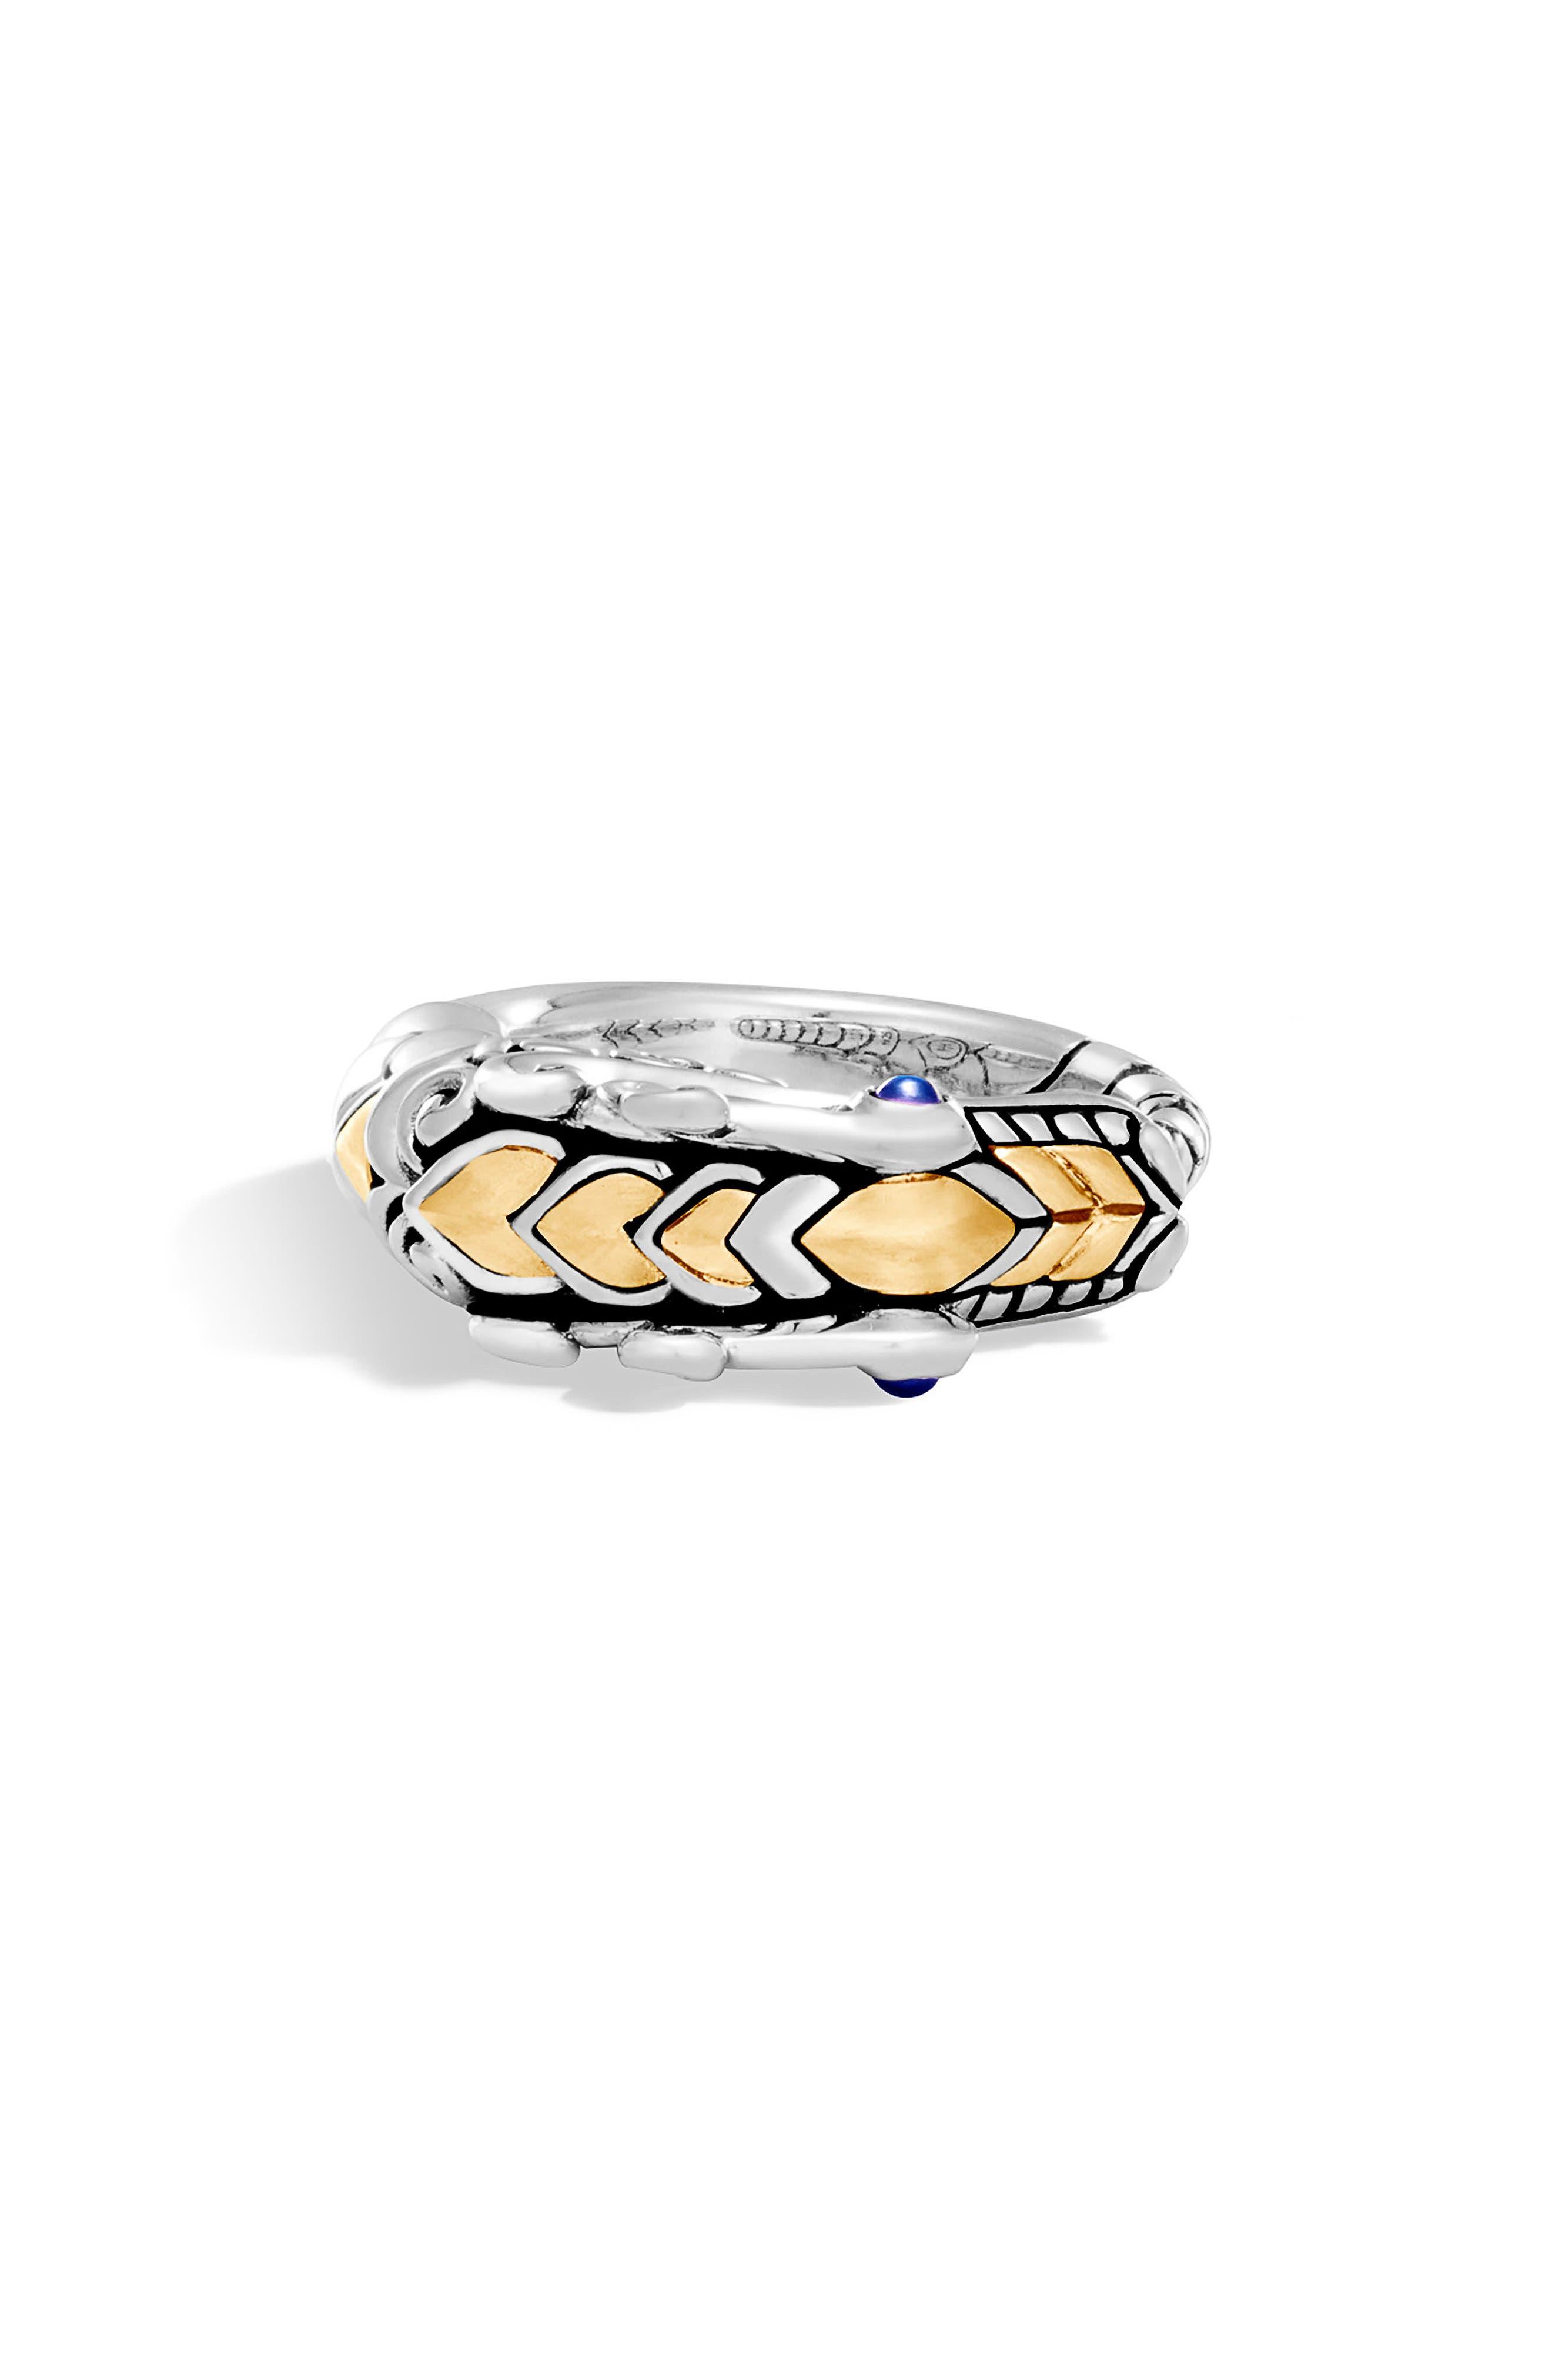 Legends Naga Ring,                             Main thumbnail 1, color,                             SA 18YSS